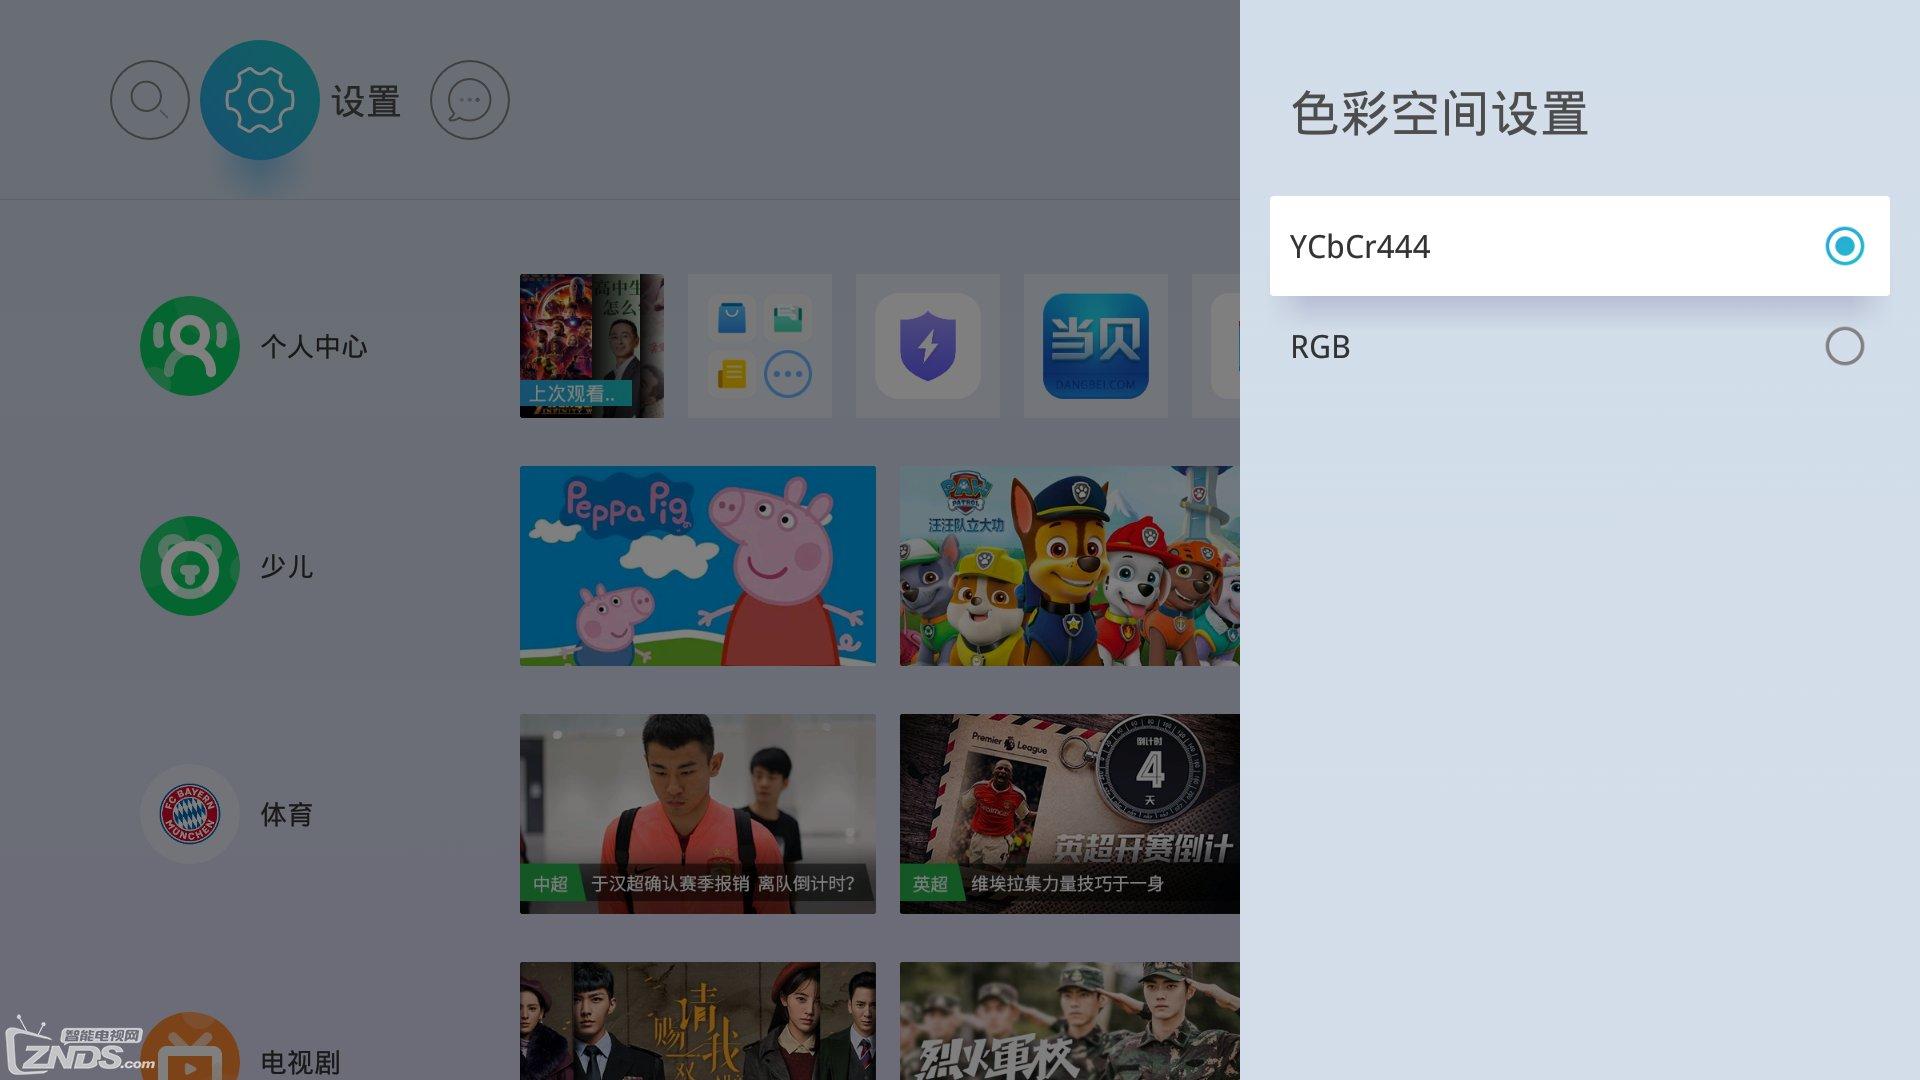 眼前一亮!当贝盒子B1更新V2.0.7版本 新增遥控寻回和热点共享